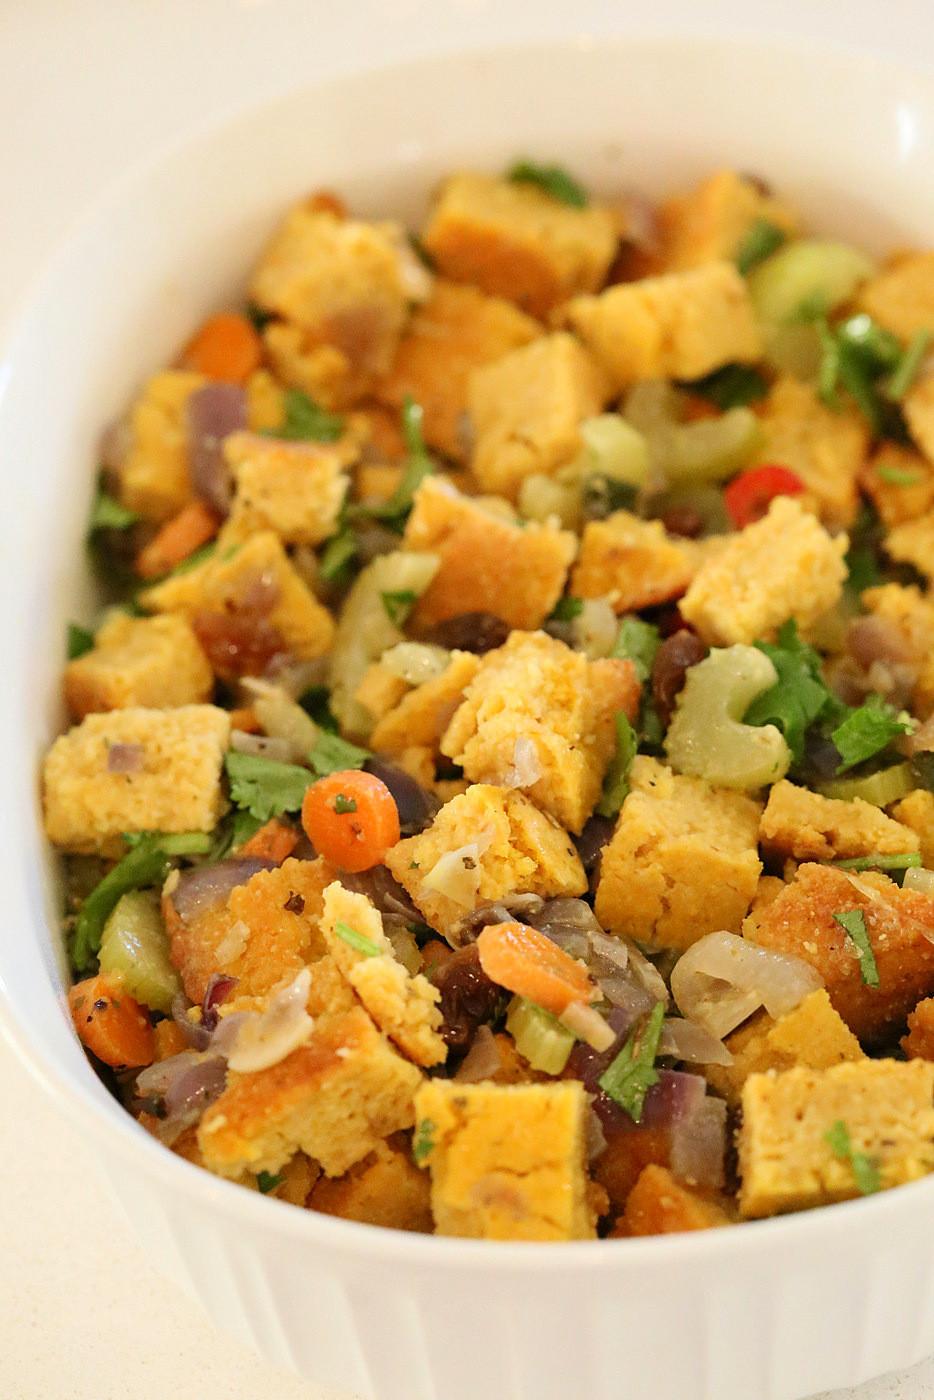 Vegan Stuffing Recipes For Thanksgiving  7 Vegan Thanksgiving Dressings and Stuffing Recipes